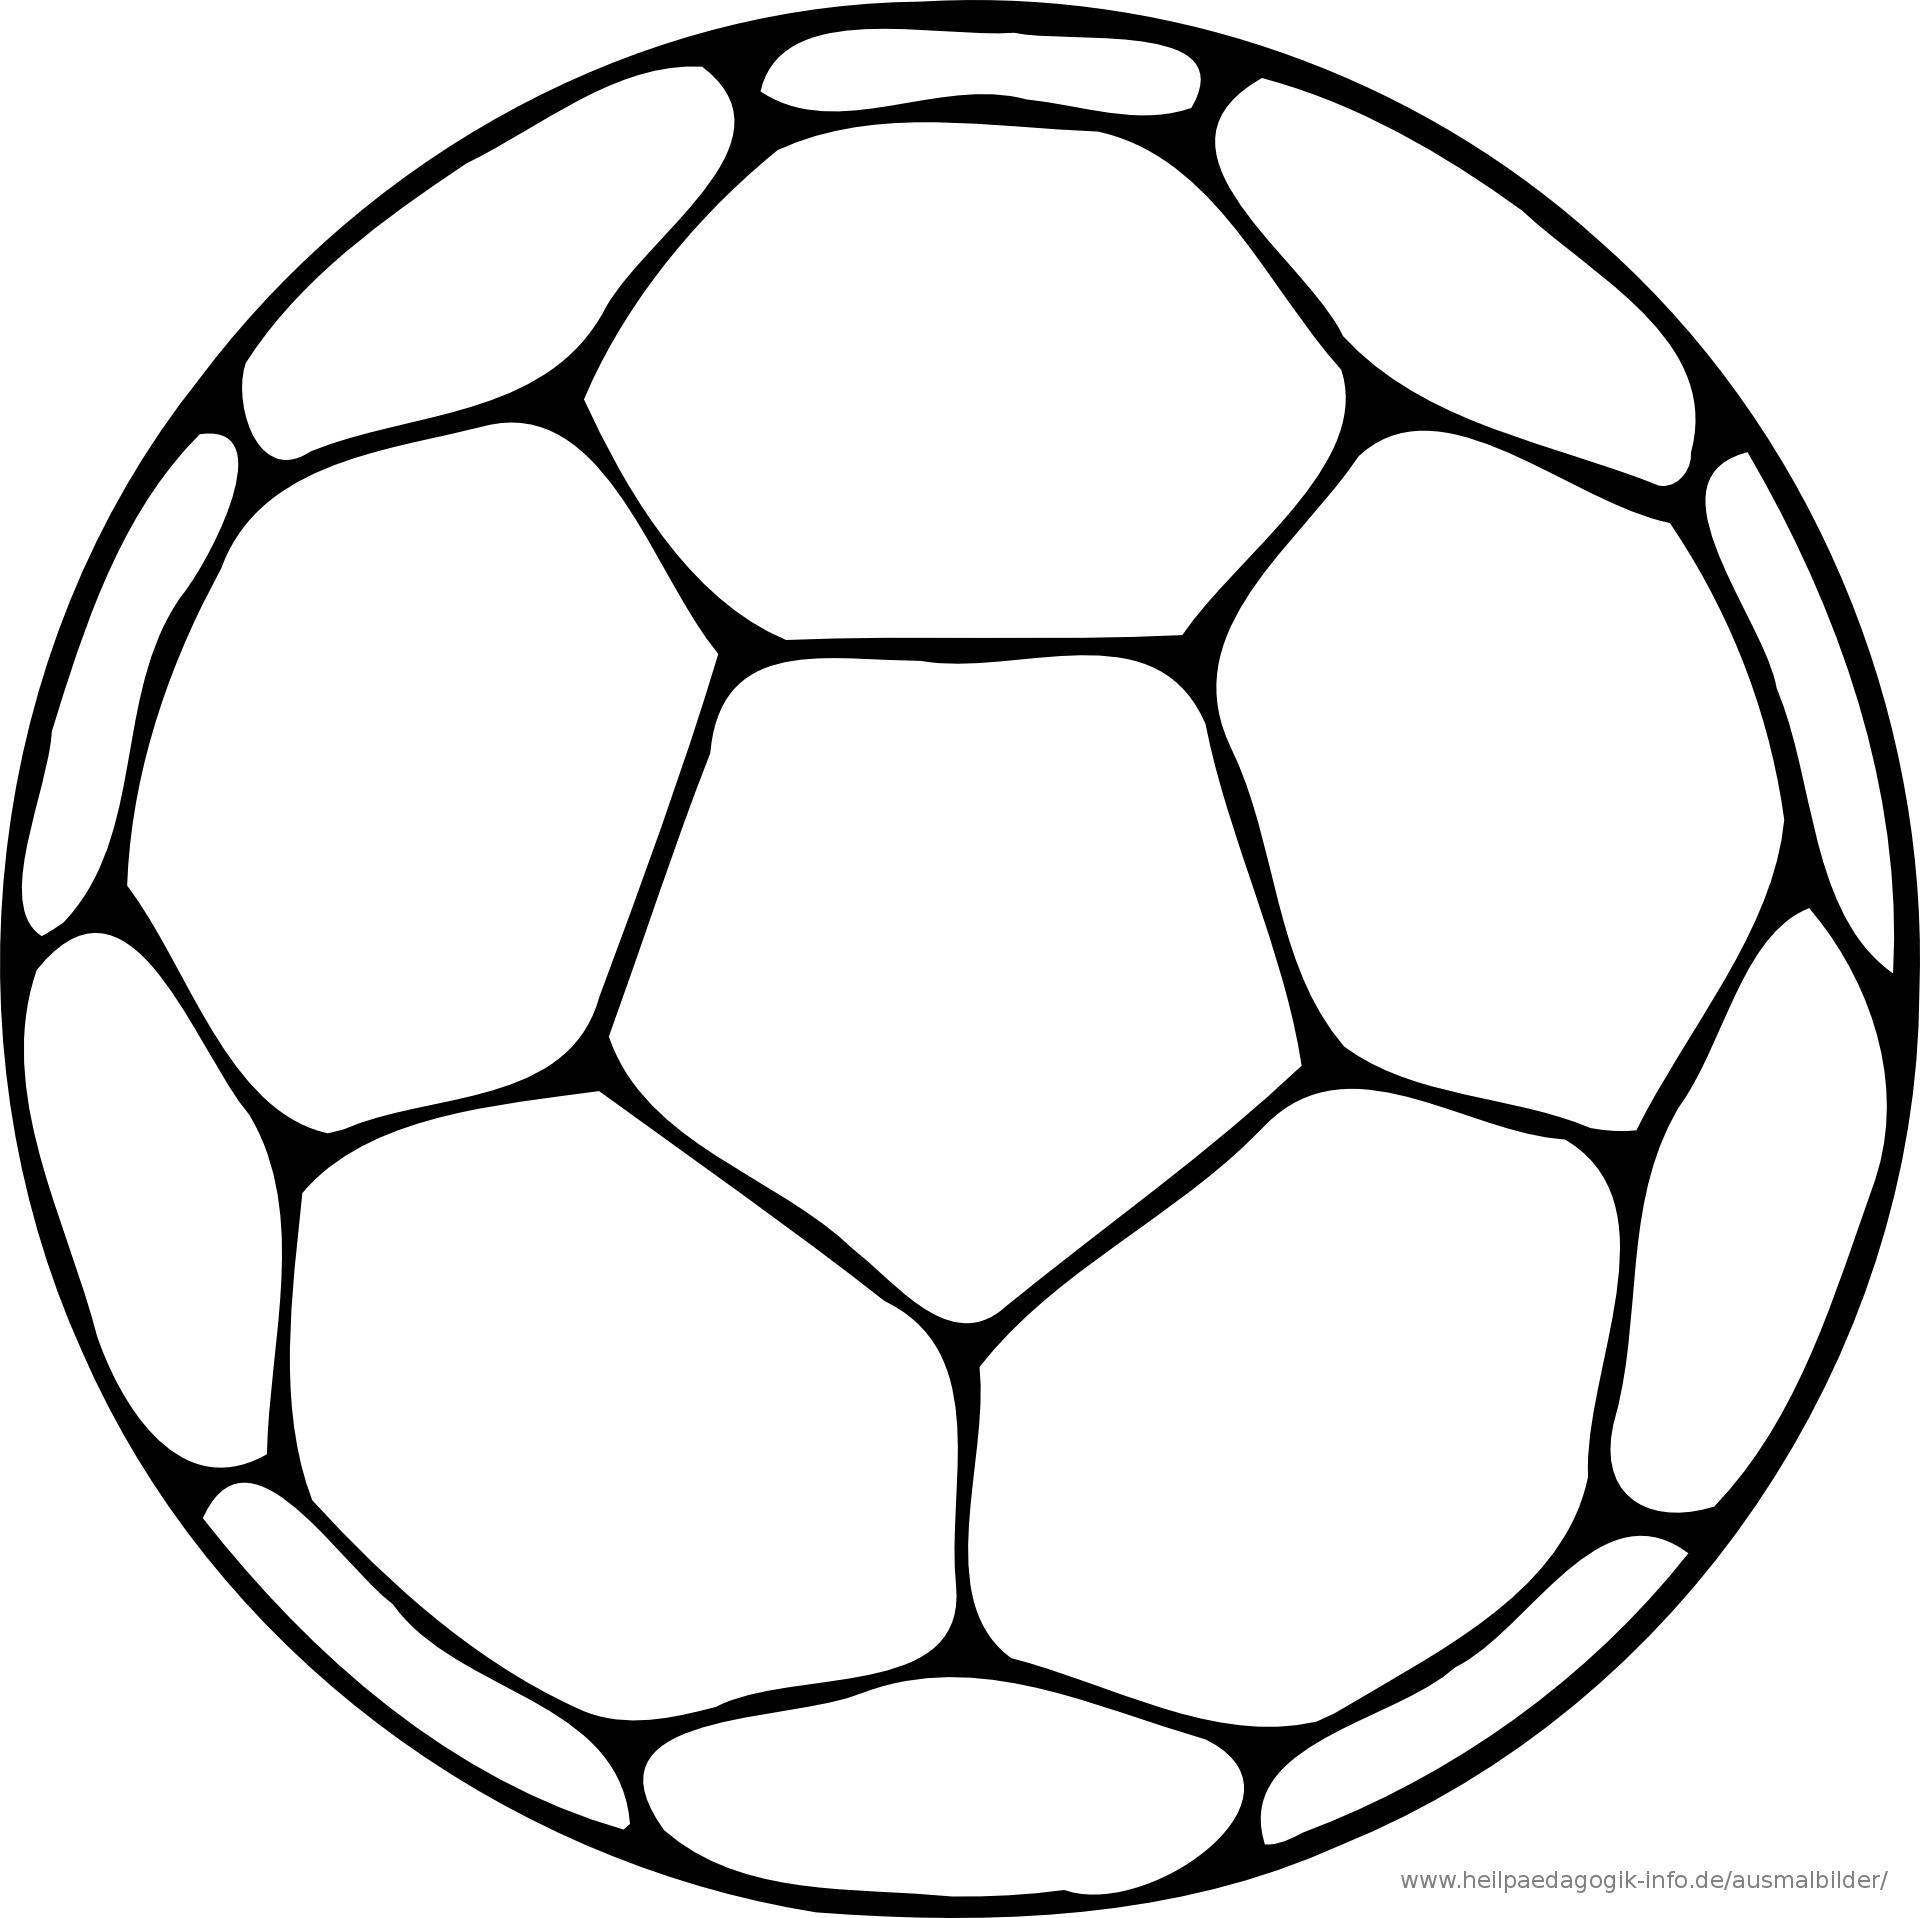 Ausmalbilder Fußball Zum Ausdrucken (Mit Bildern innen Fußball Bilder Zum Ausdrucken